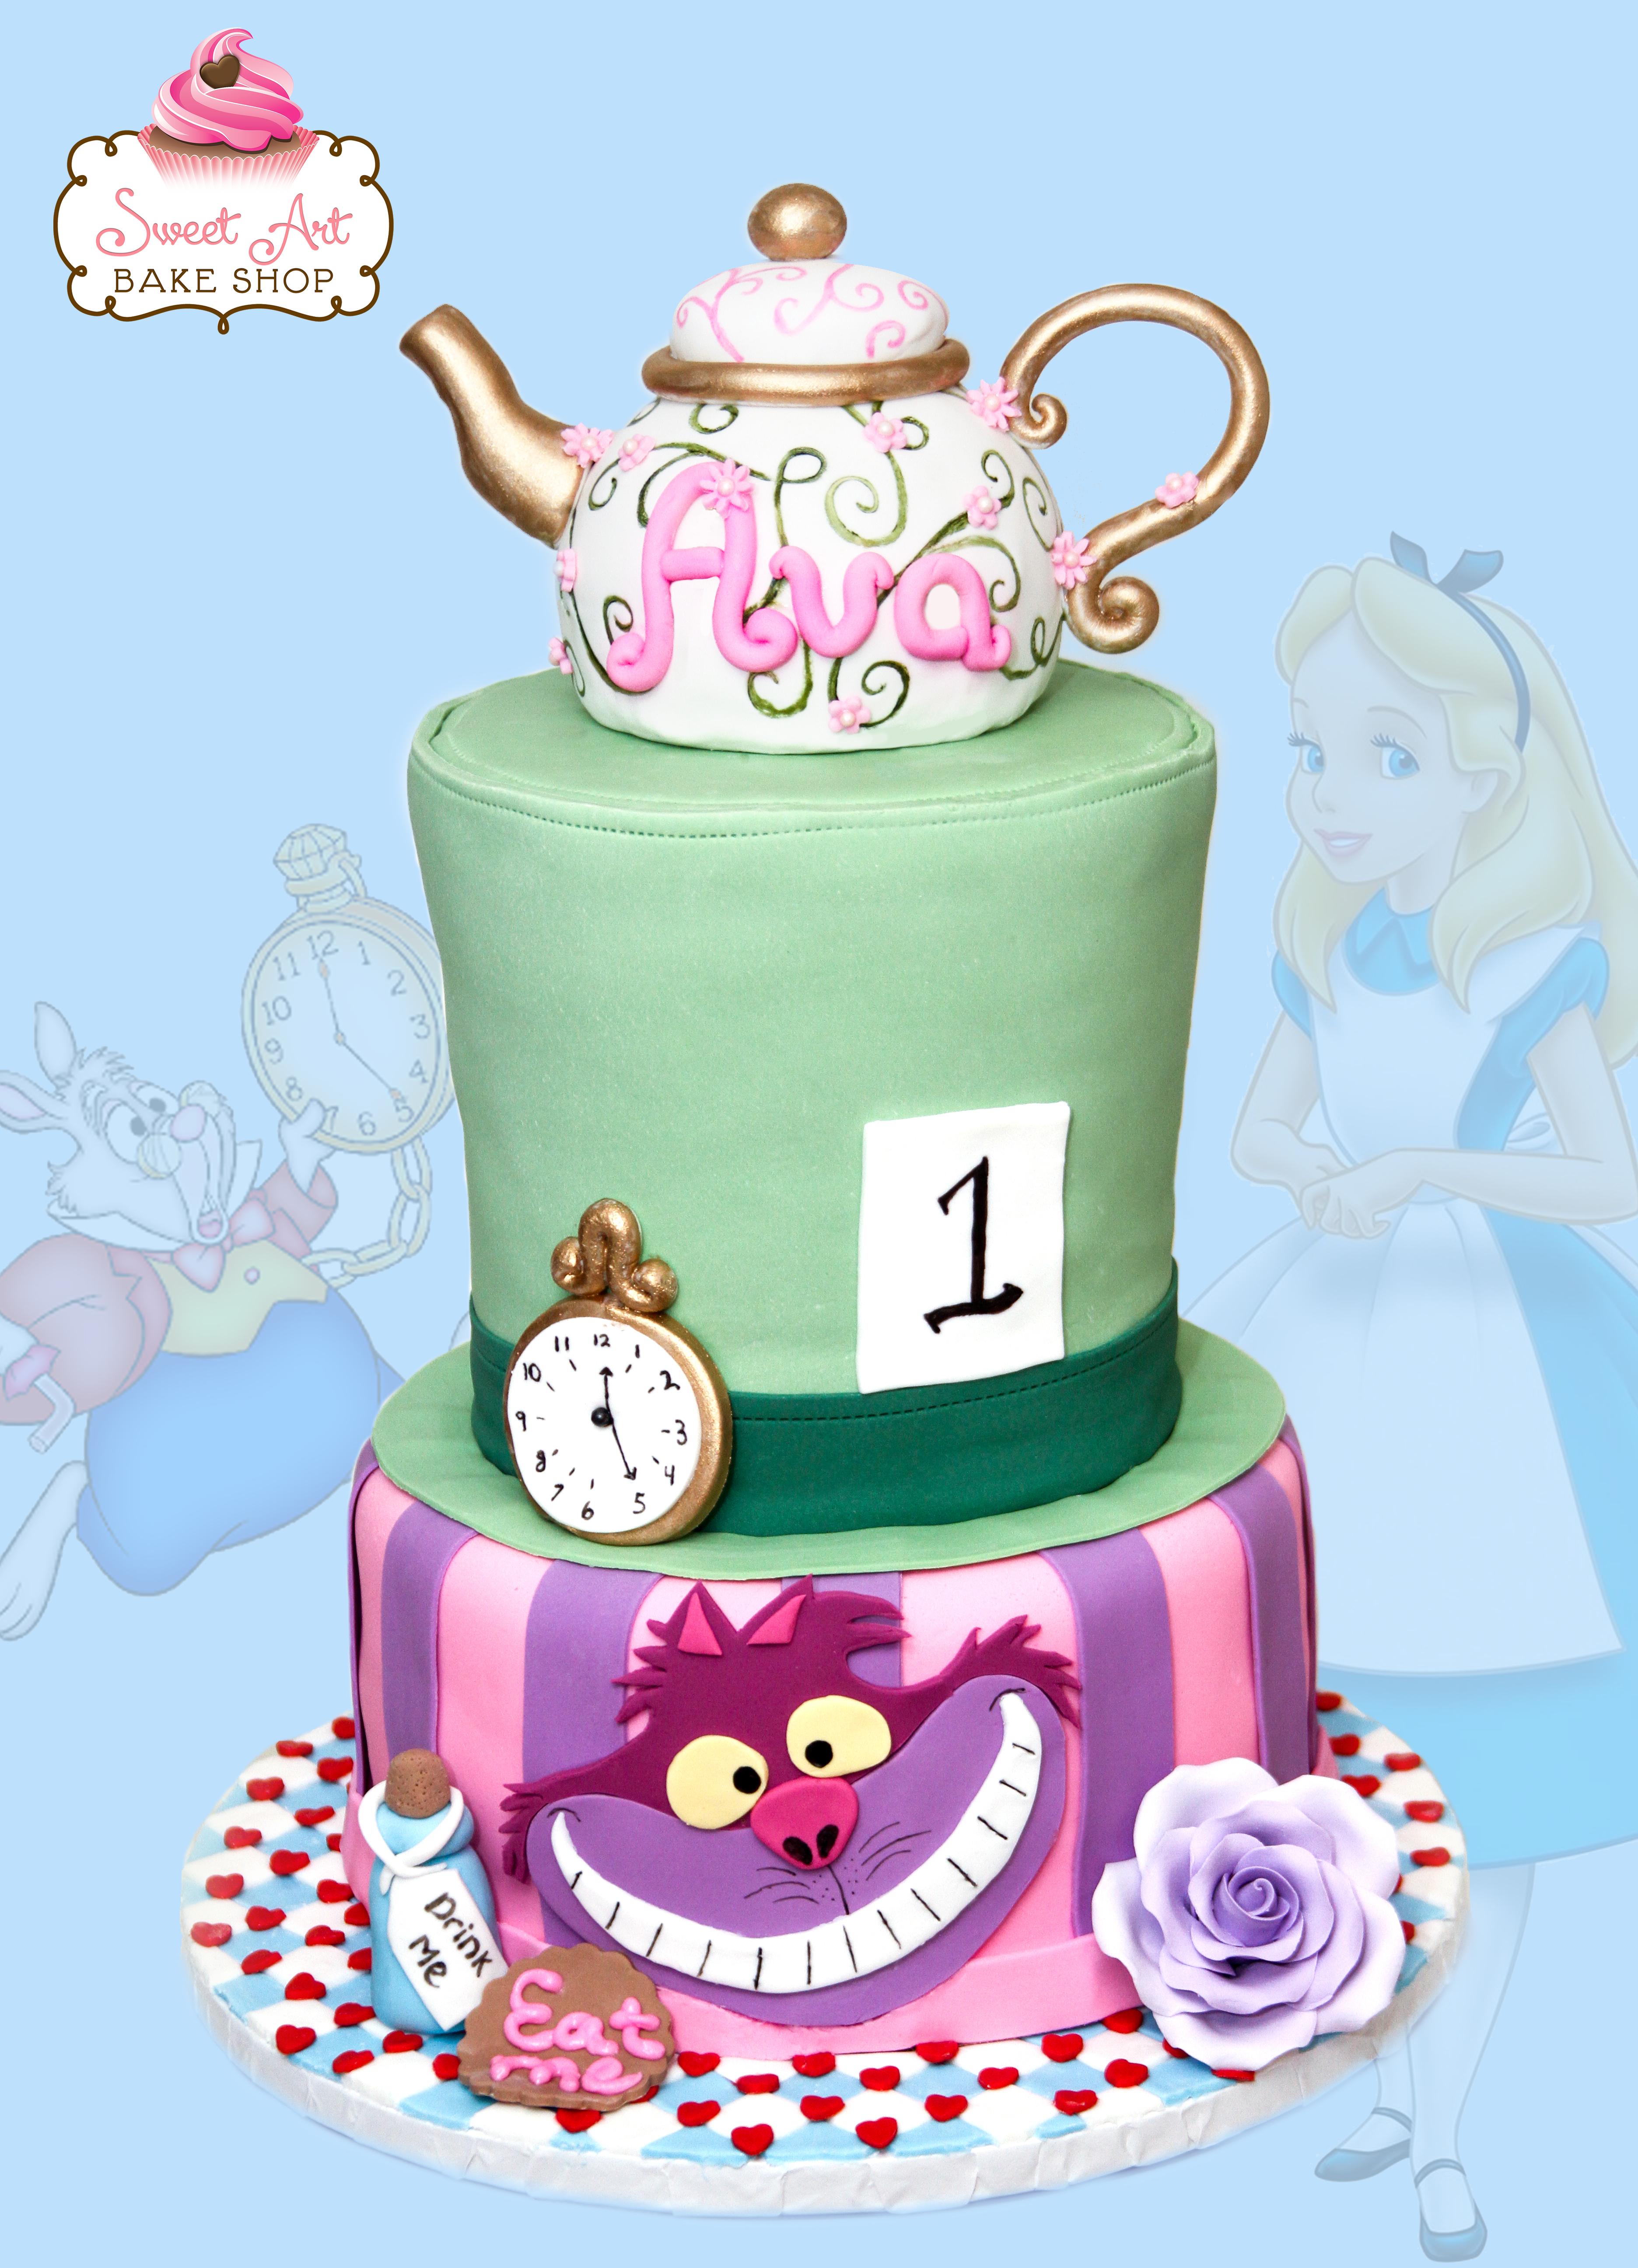 Ava in One-derland Cake